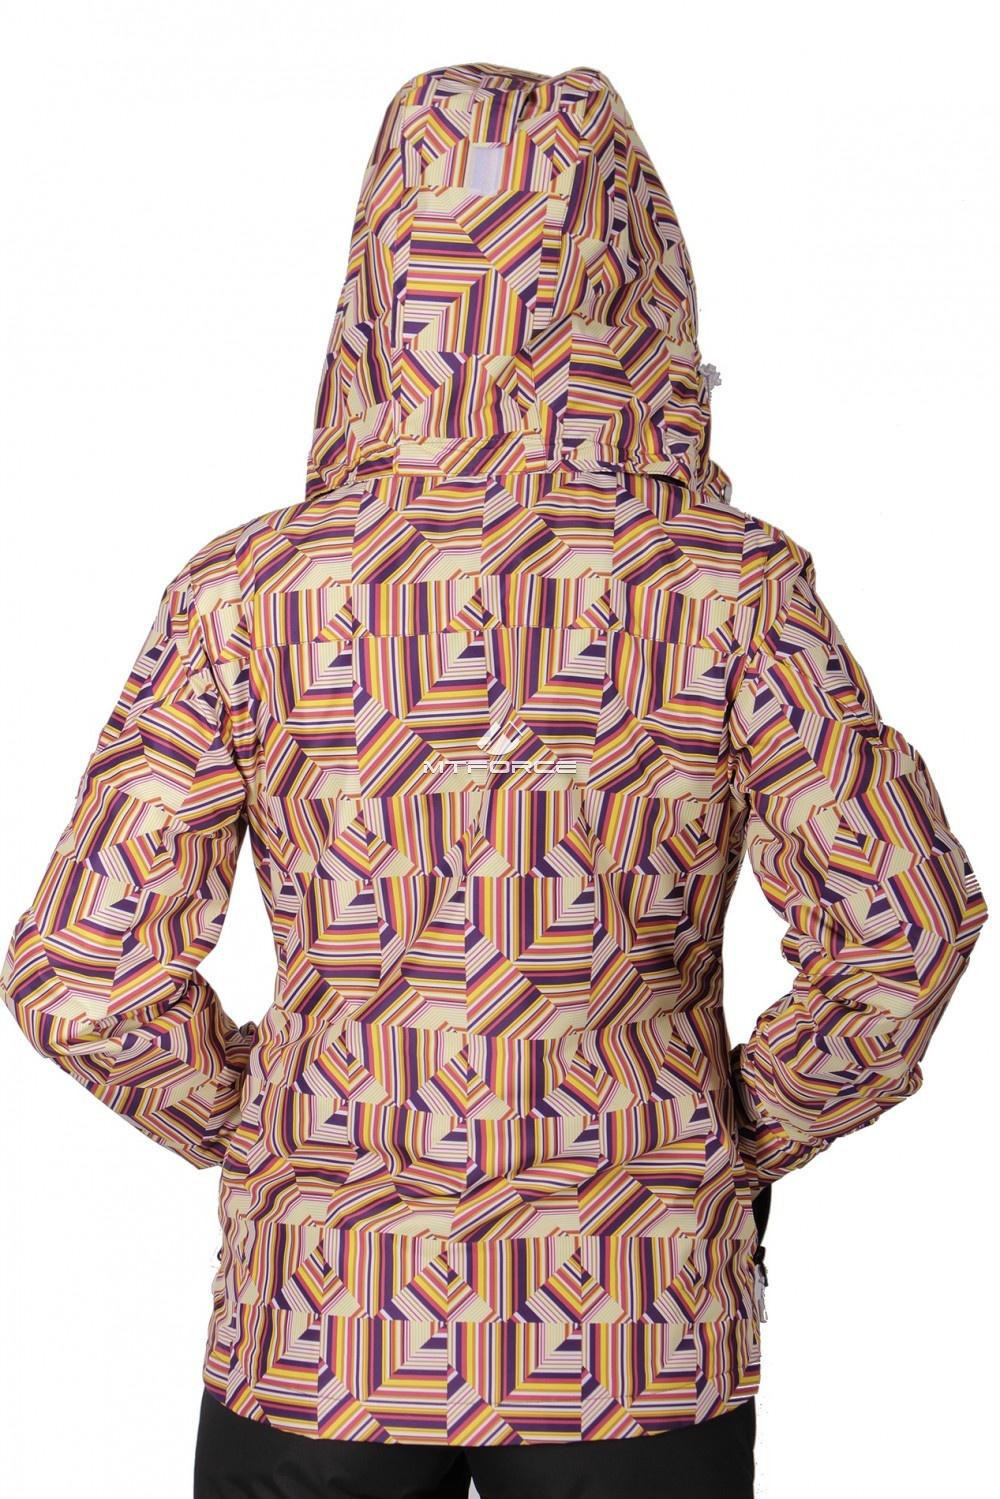 Купить оптом Куртка спортивная женская осень весна желтого цвета 1722J в Сочи